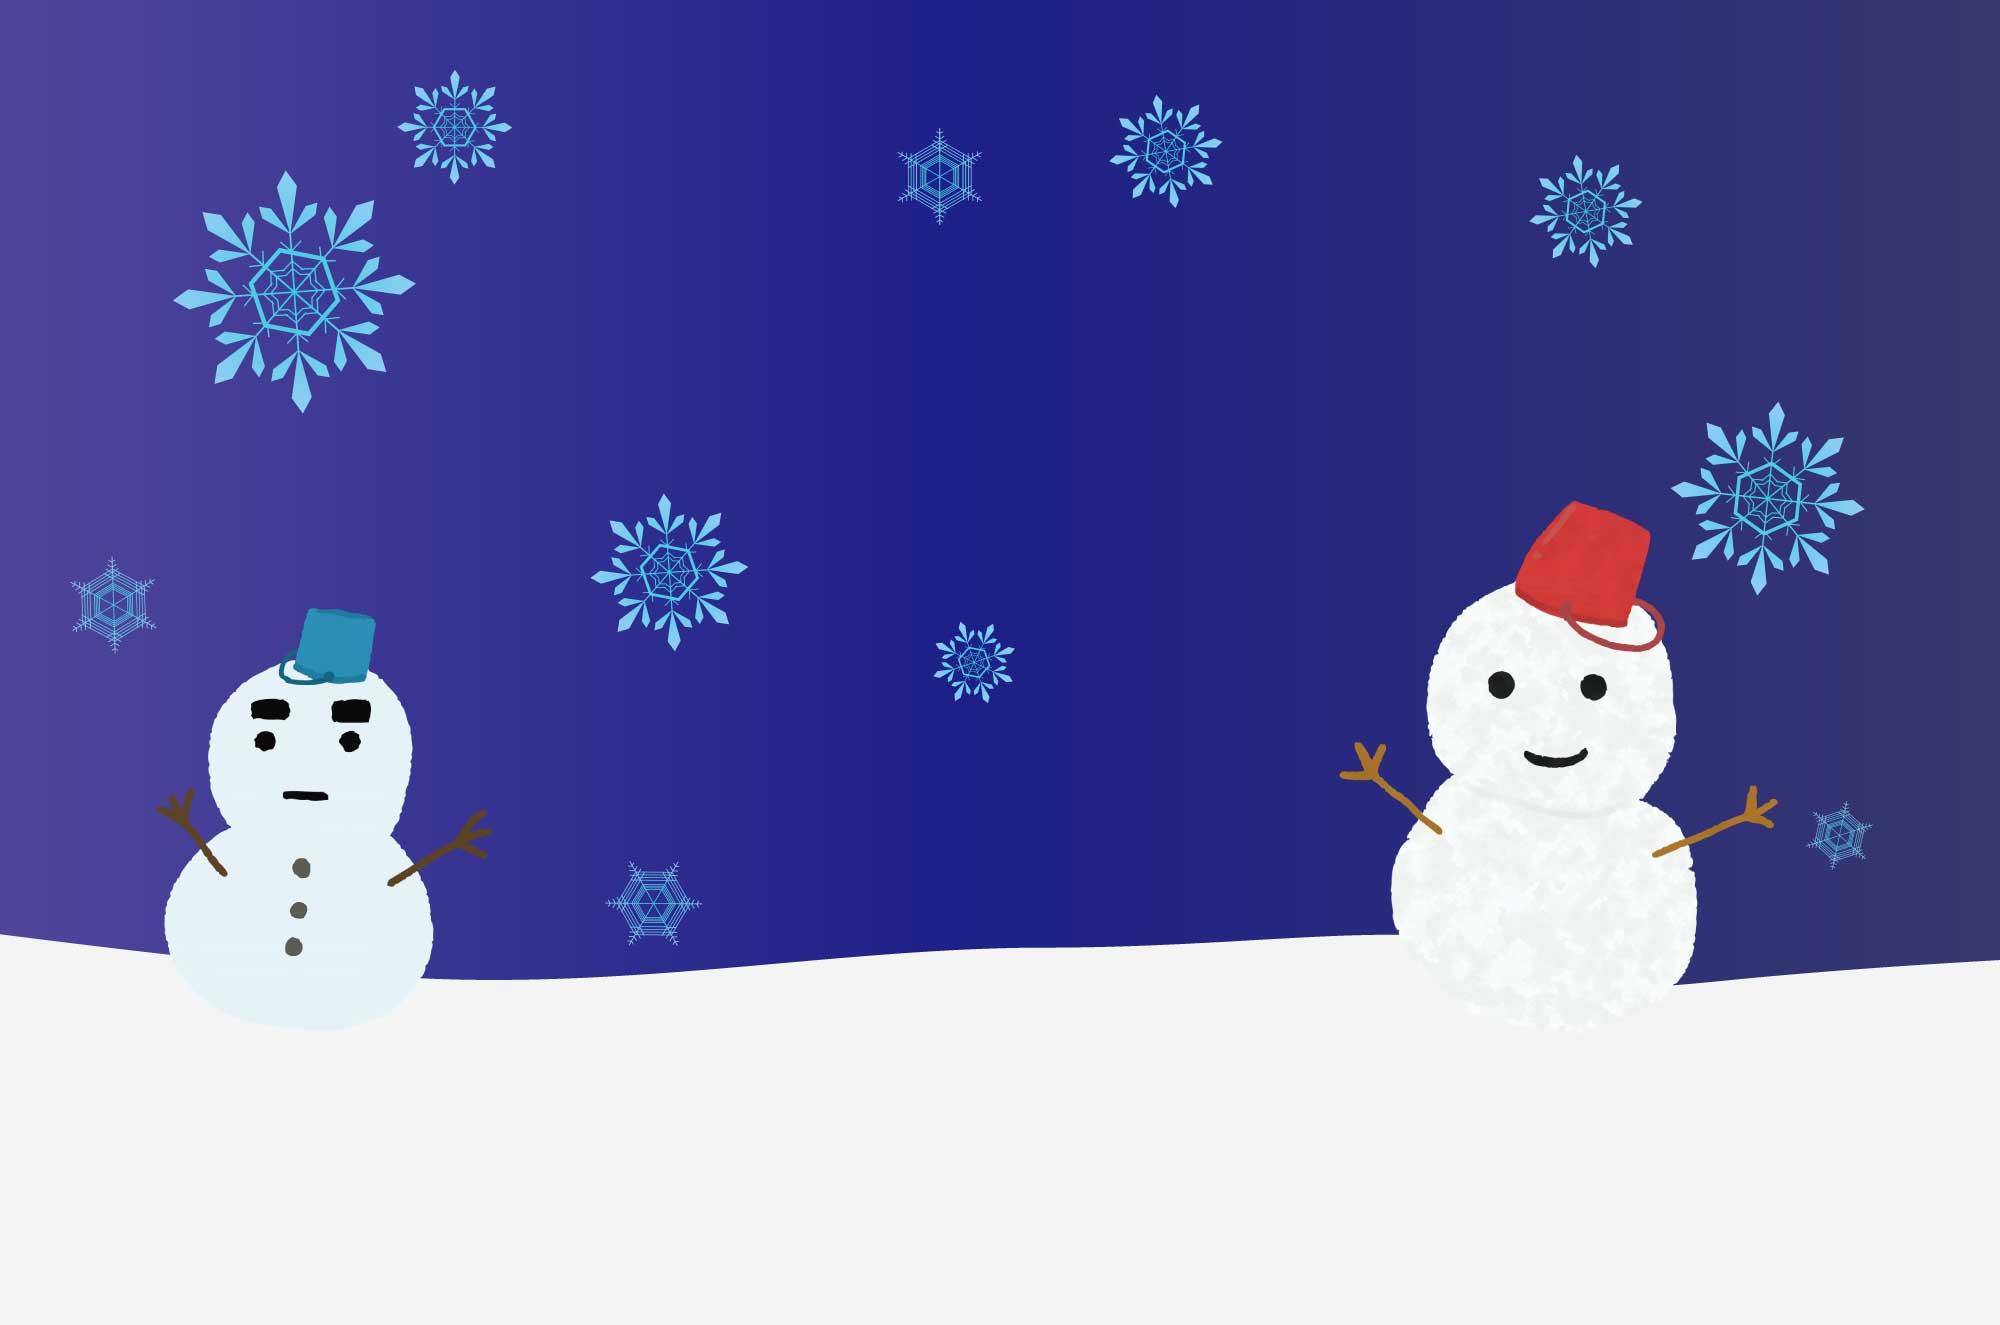 冬のイラスト - 寒い季節のイメージ素材が全て無料